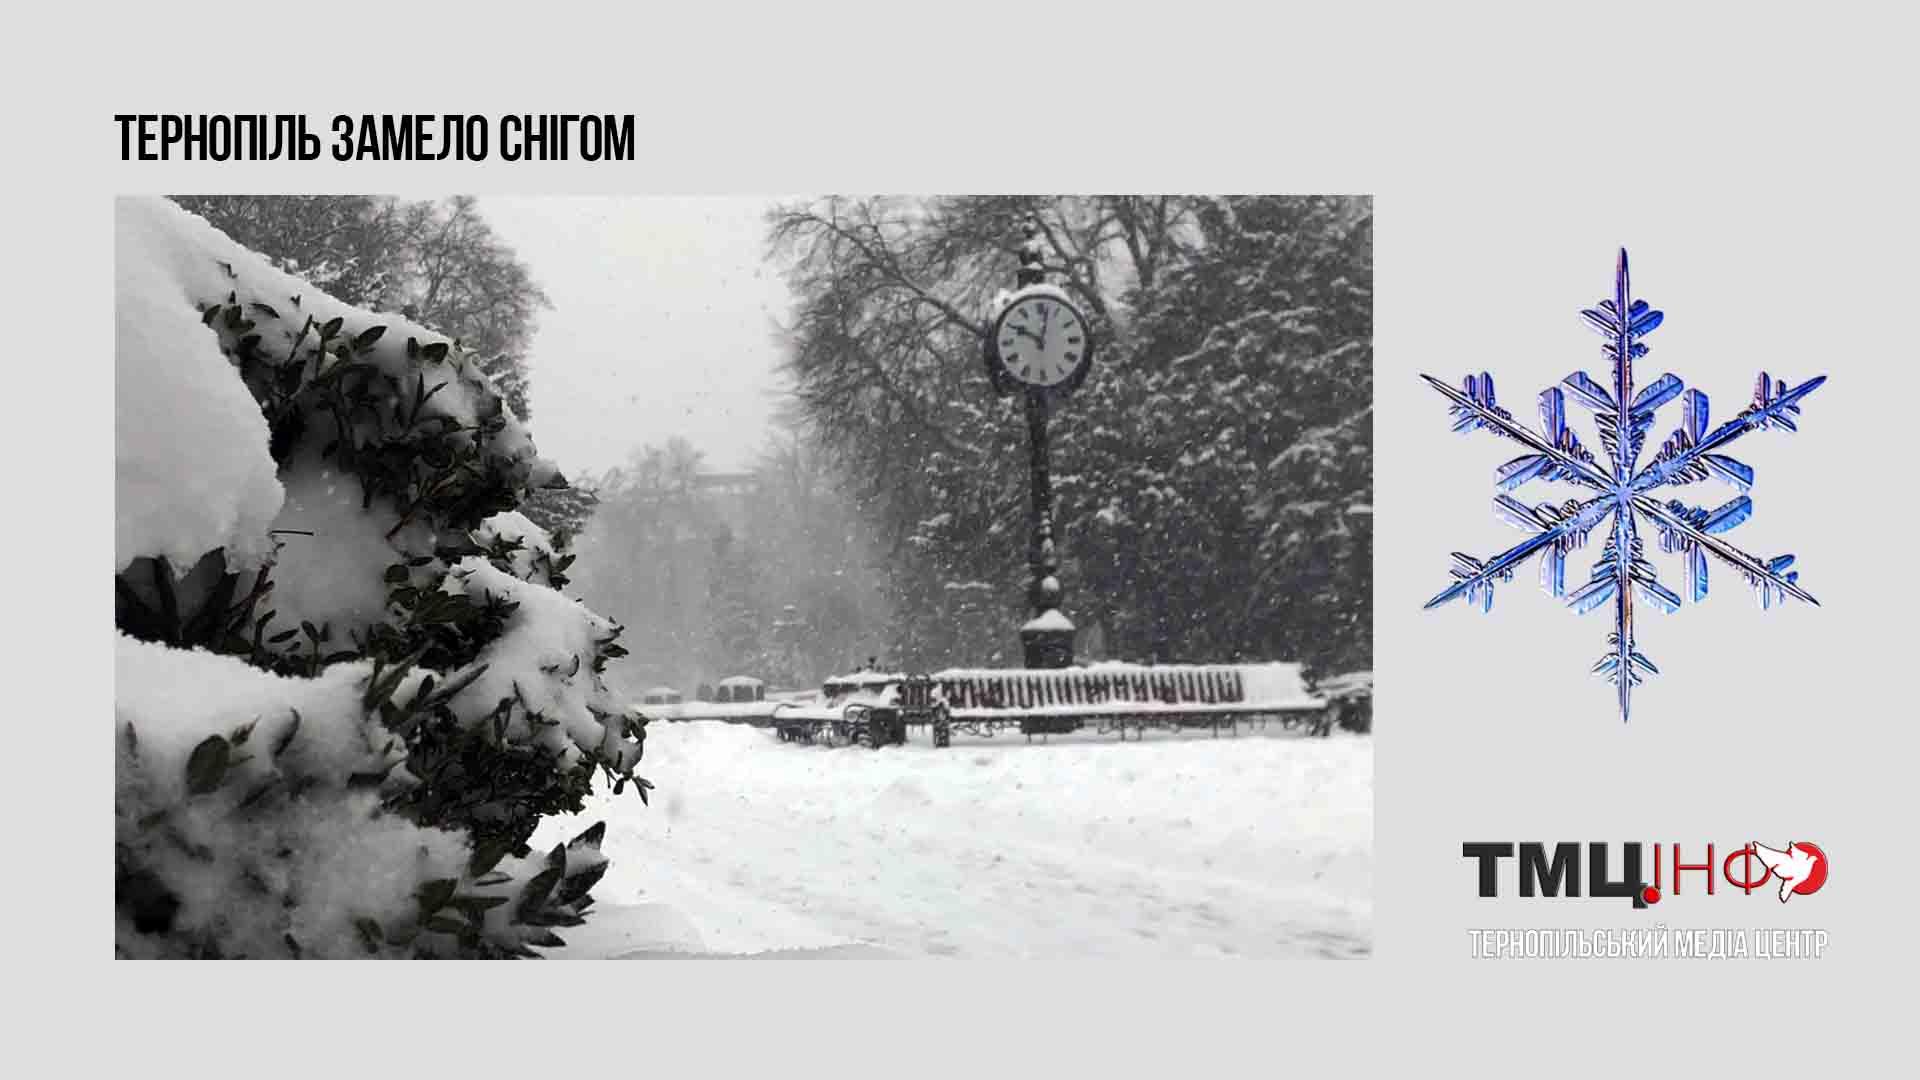 Тернопіль замело снігом